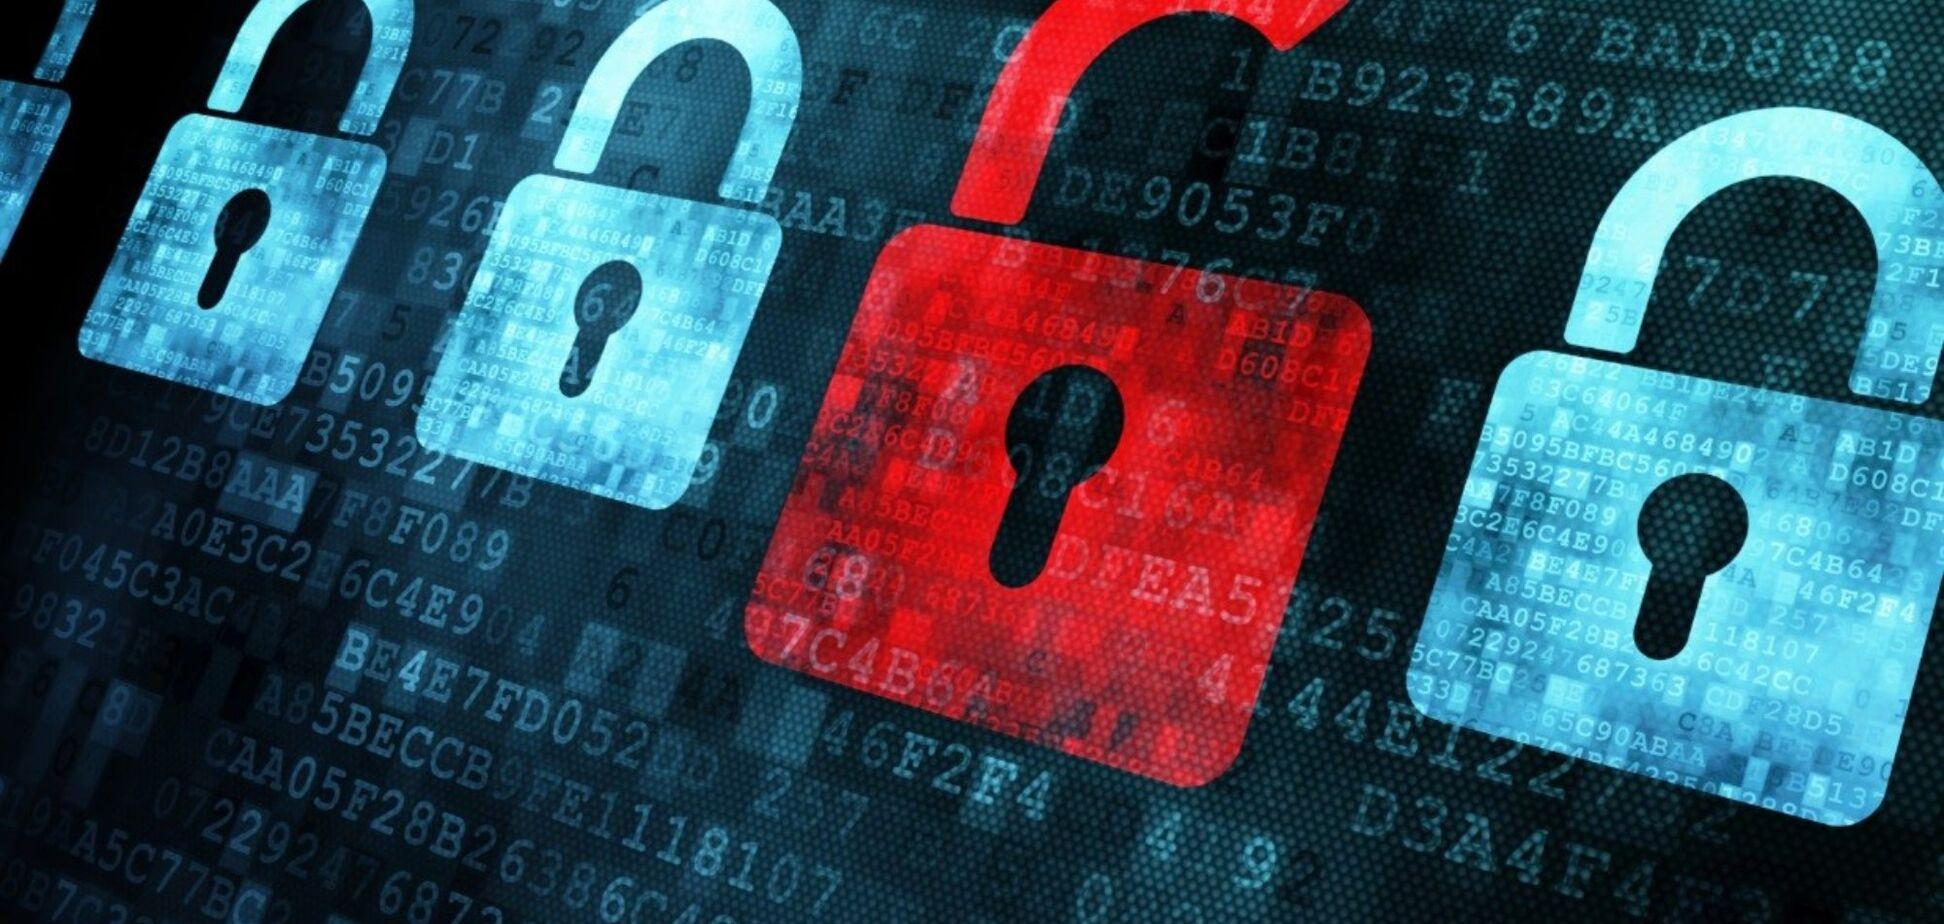 СБУ нанесла киберудар по международному терроризму: закрыты десятки сайтов